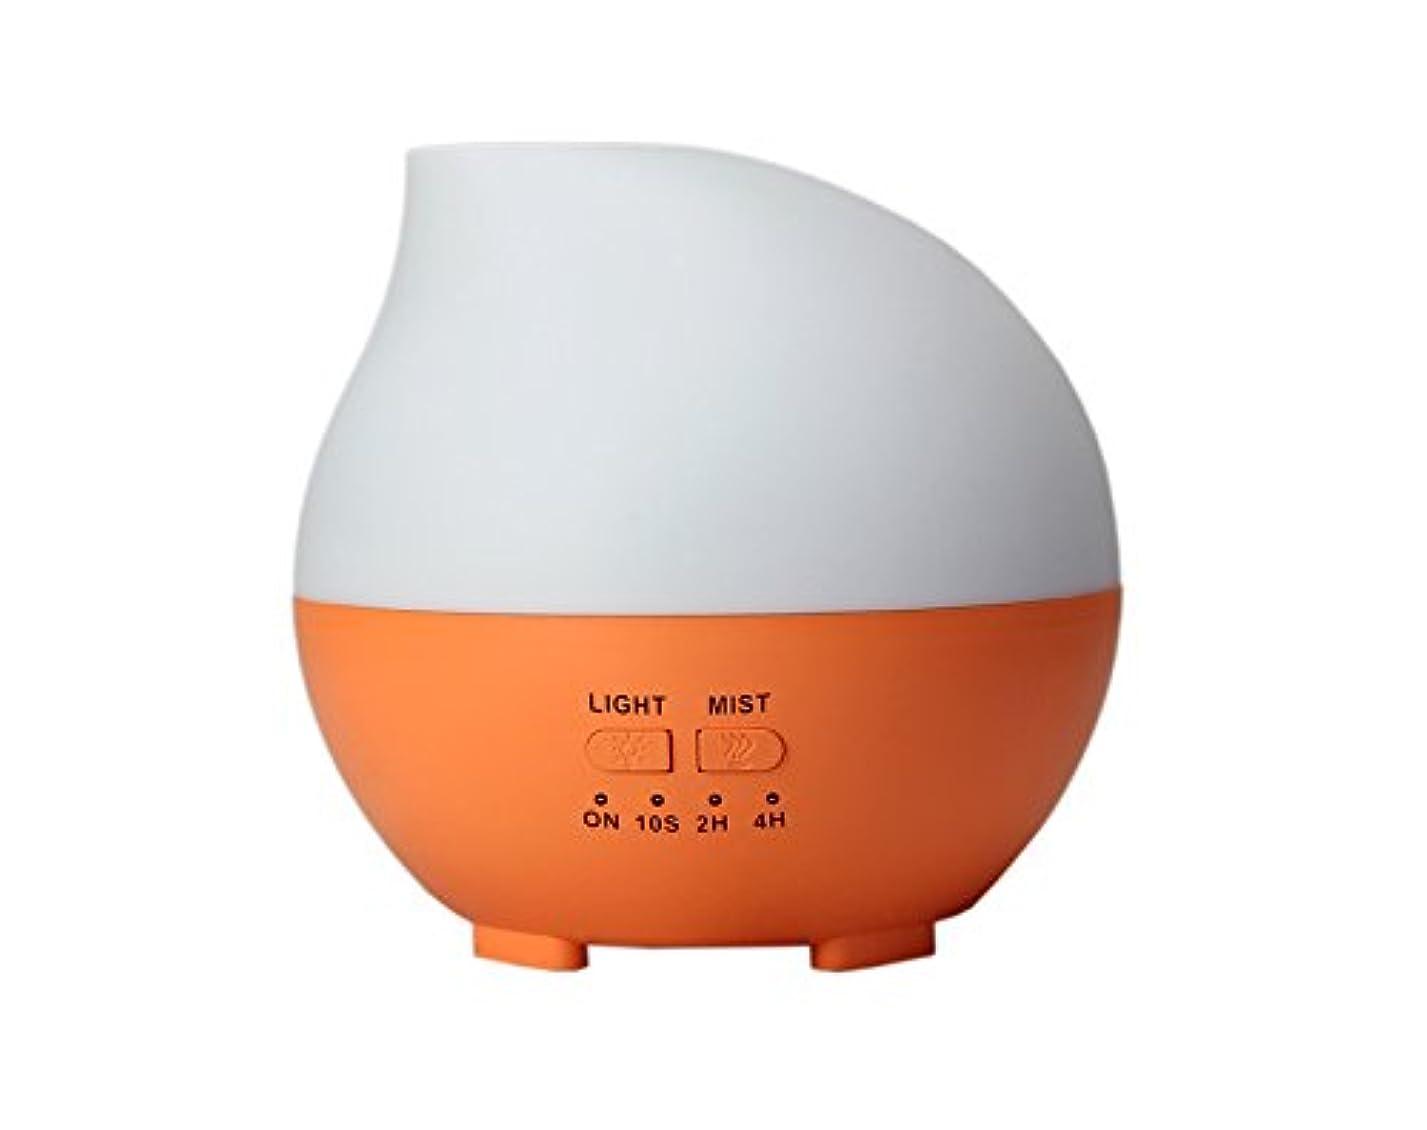 LIBESON 加湿器 卓上 超音波 静音大容量 アロマディフューザー コンセント差し込み式 ムードランプ シンプル ホイップ型 オレンジ